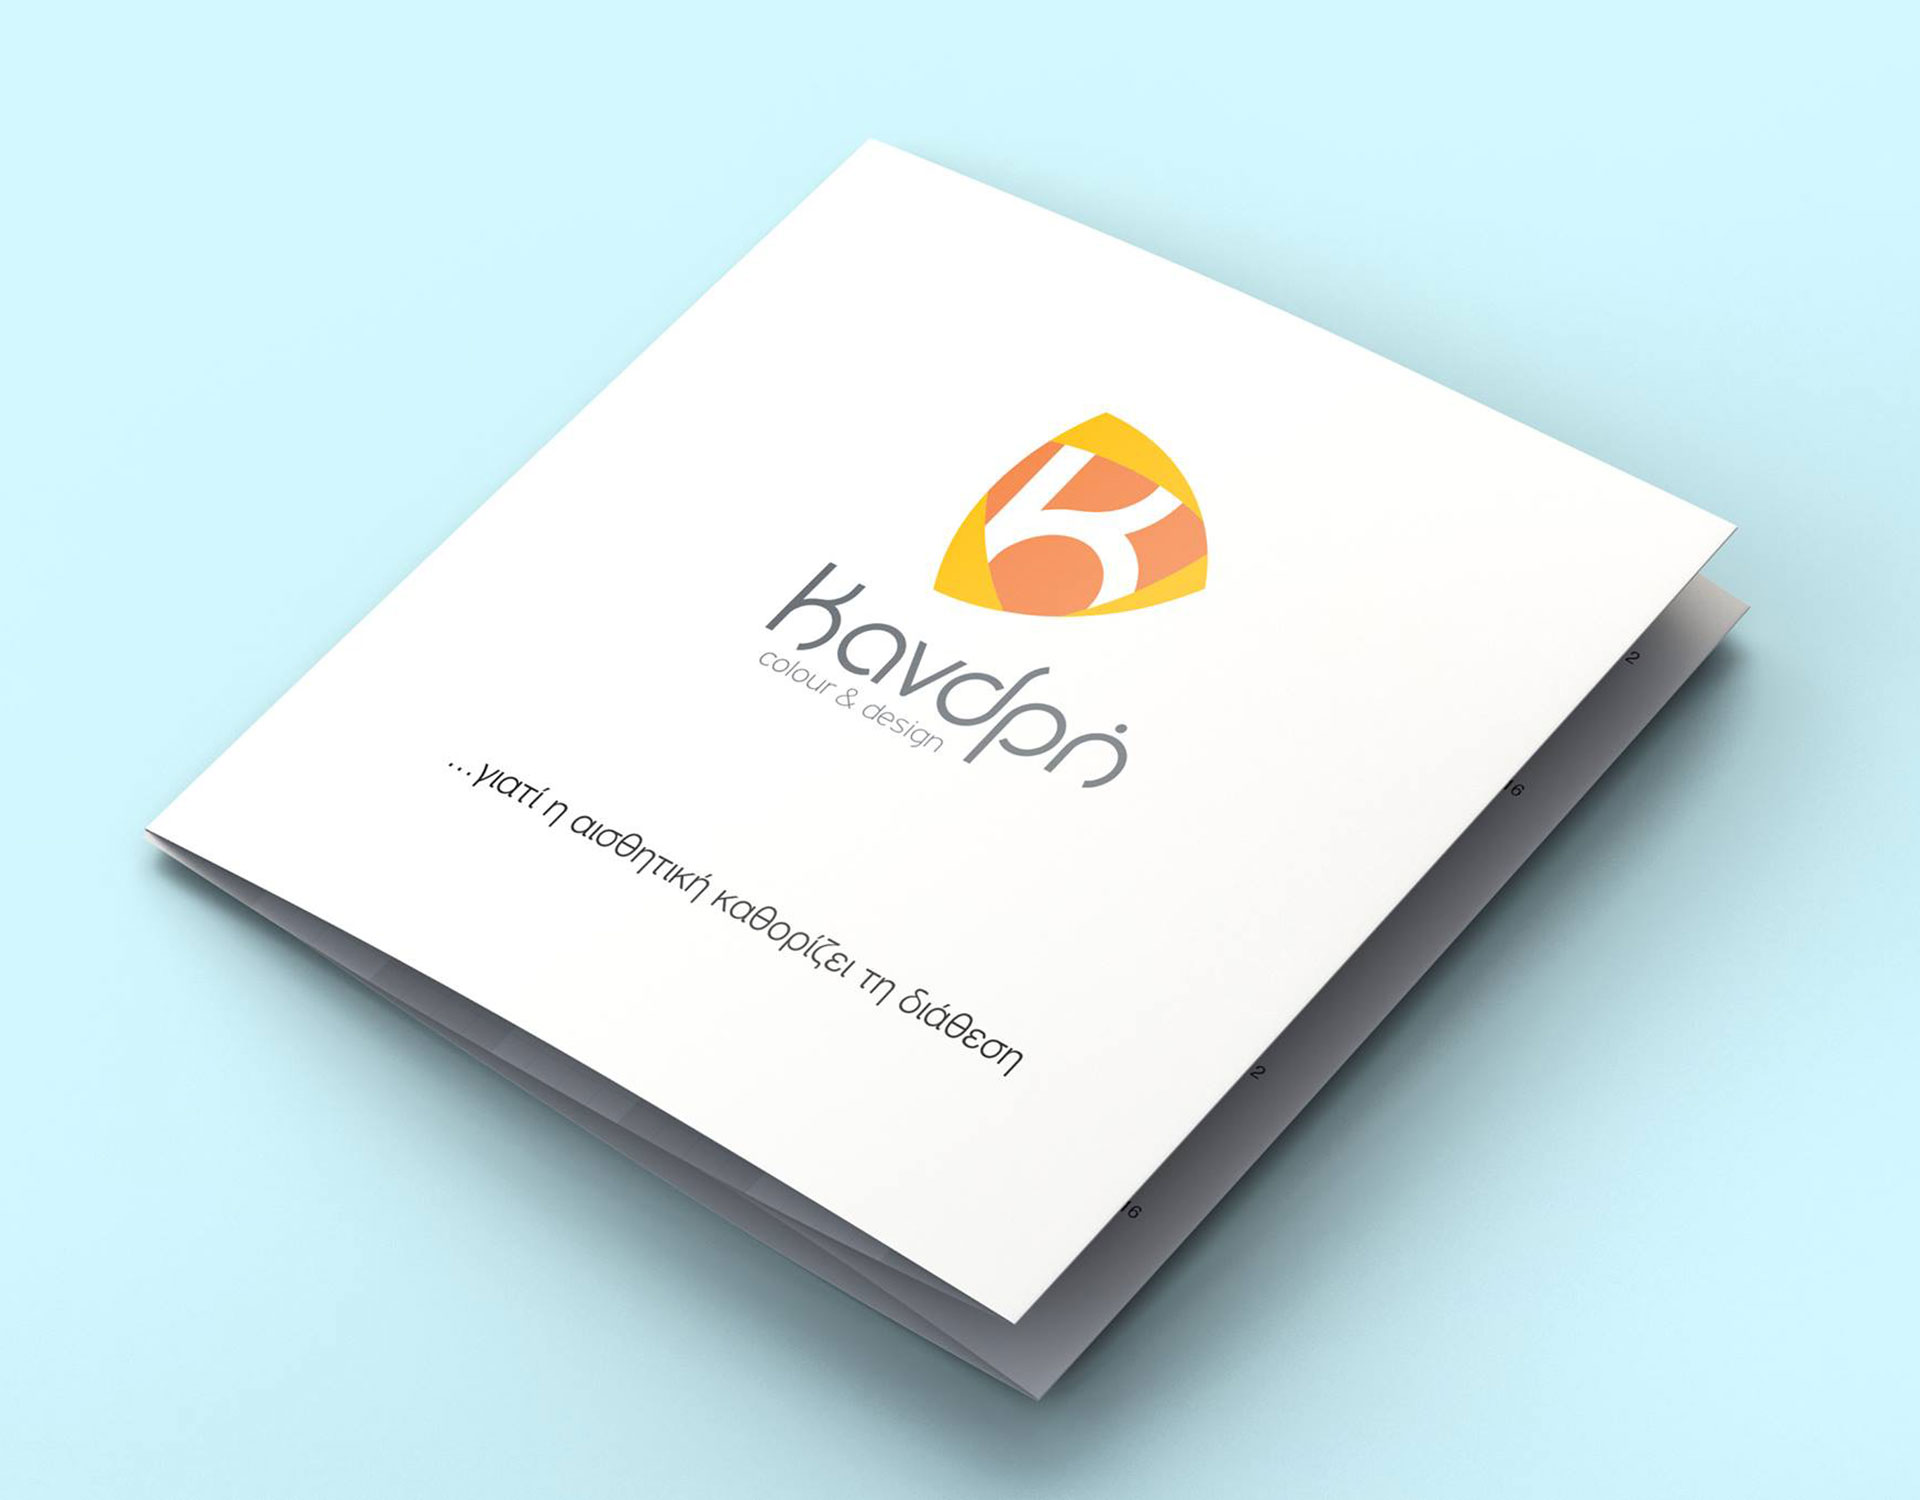 Κανδρή - Colour & Design διαφημιστικό έντυπο